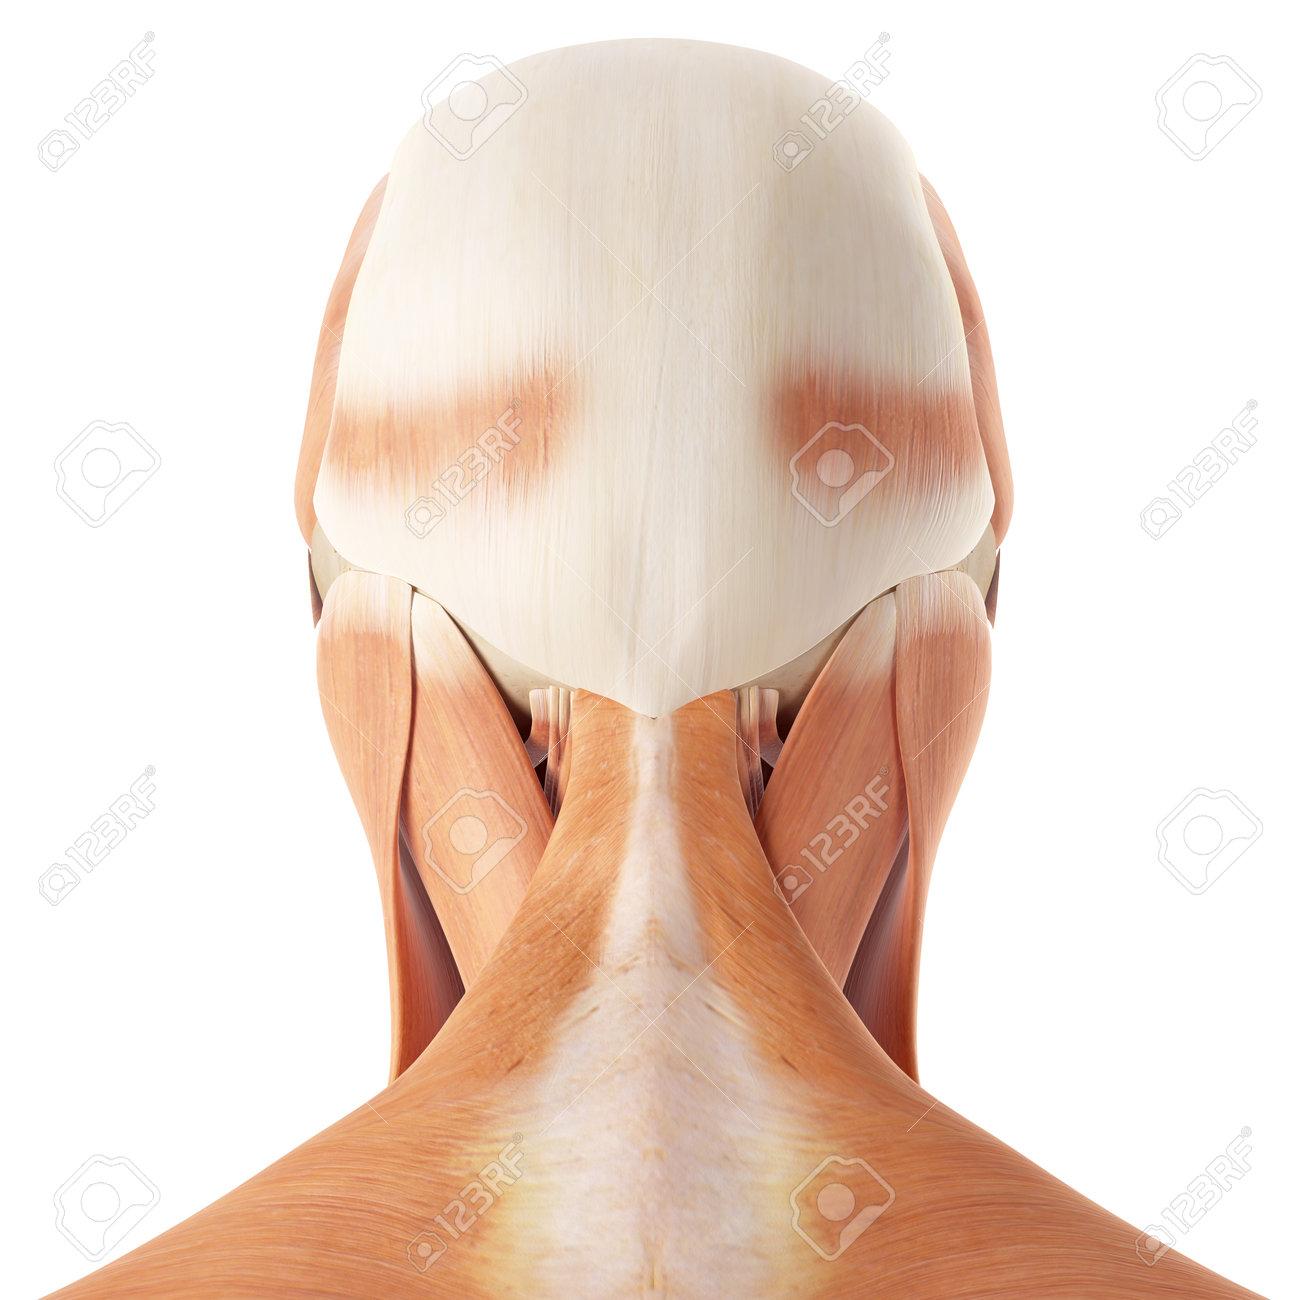 Ilustración Médica Precisa De Los Músculos Del Cuello Fotos ...